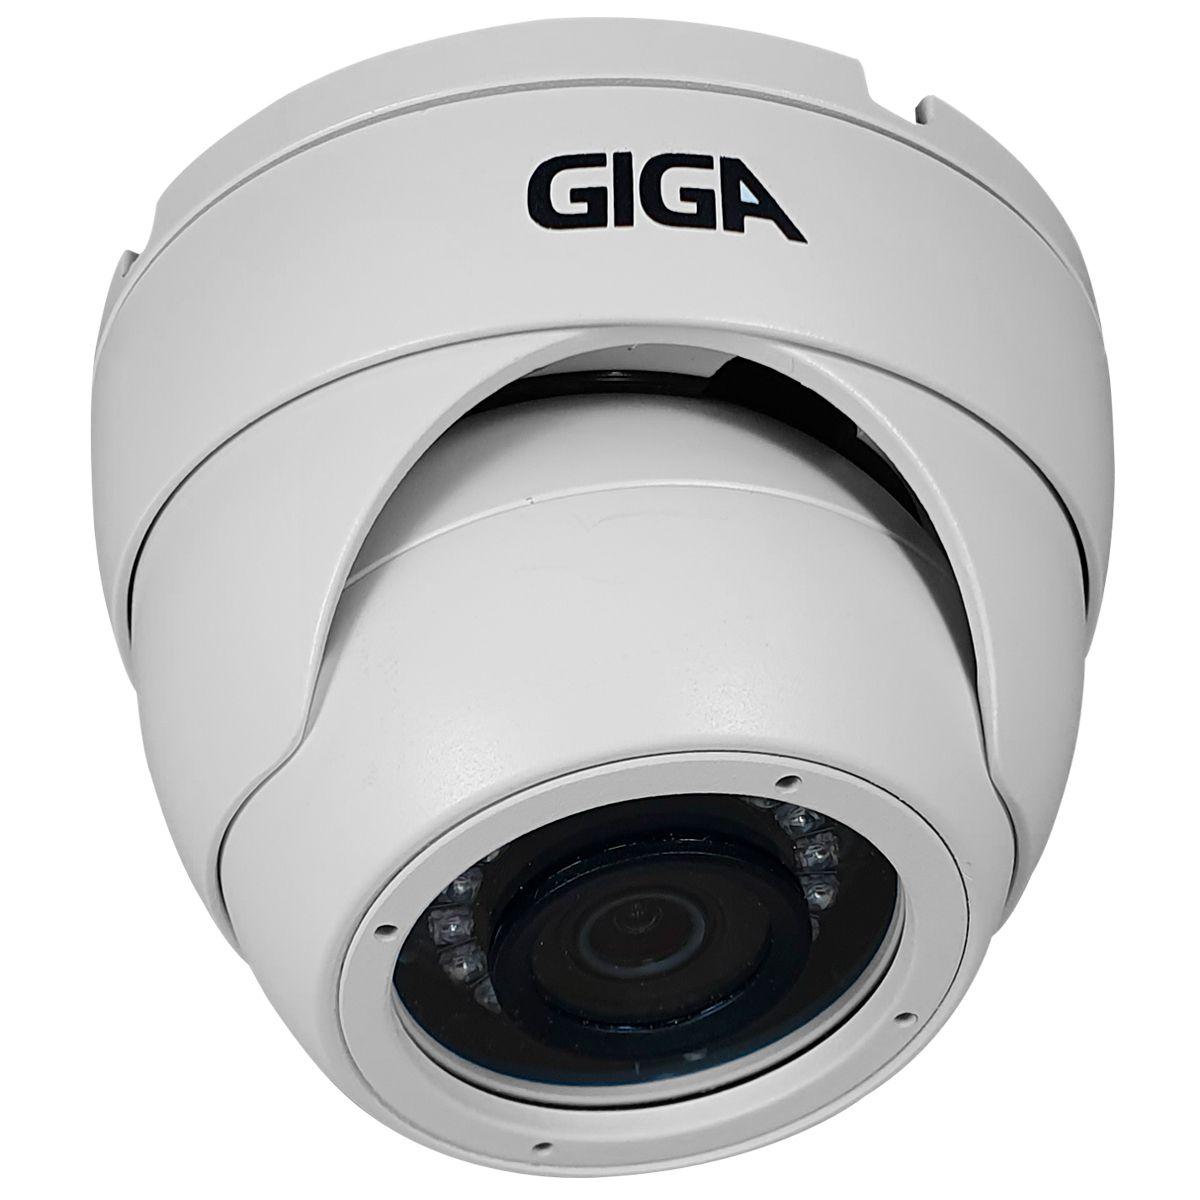 Câmera 5 Megapixels Giga Security GS0046 Orion, Infravermelho 30 metros, 4 em 1 HDCVI, HDTVI, AHD, ANALÓGICO  - Tudo Forte